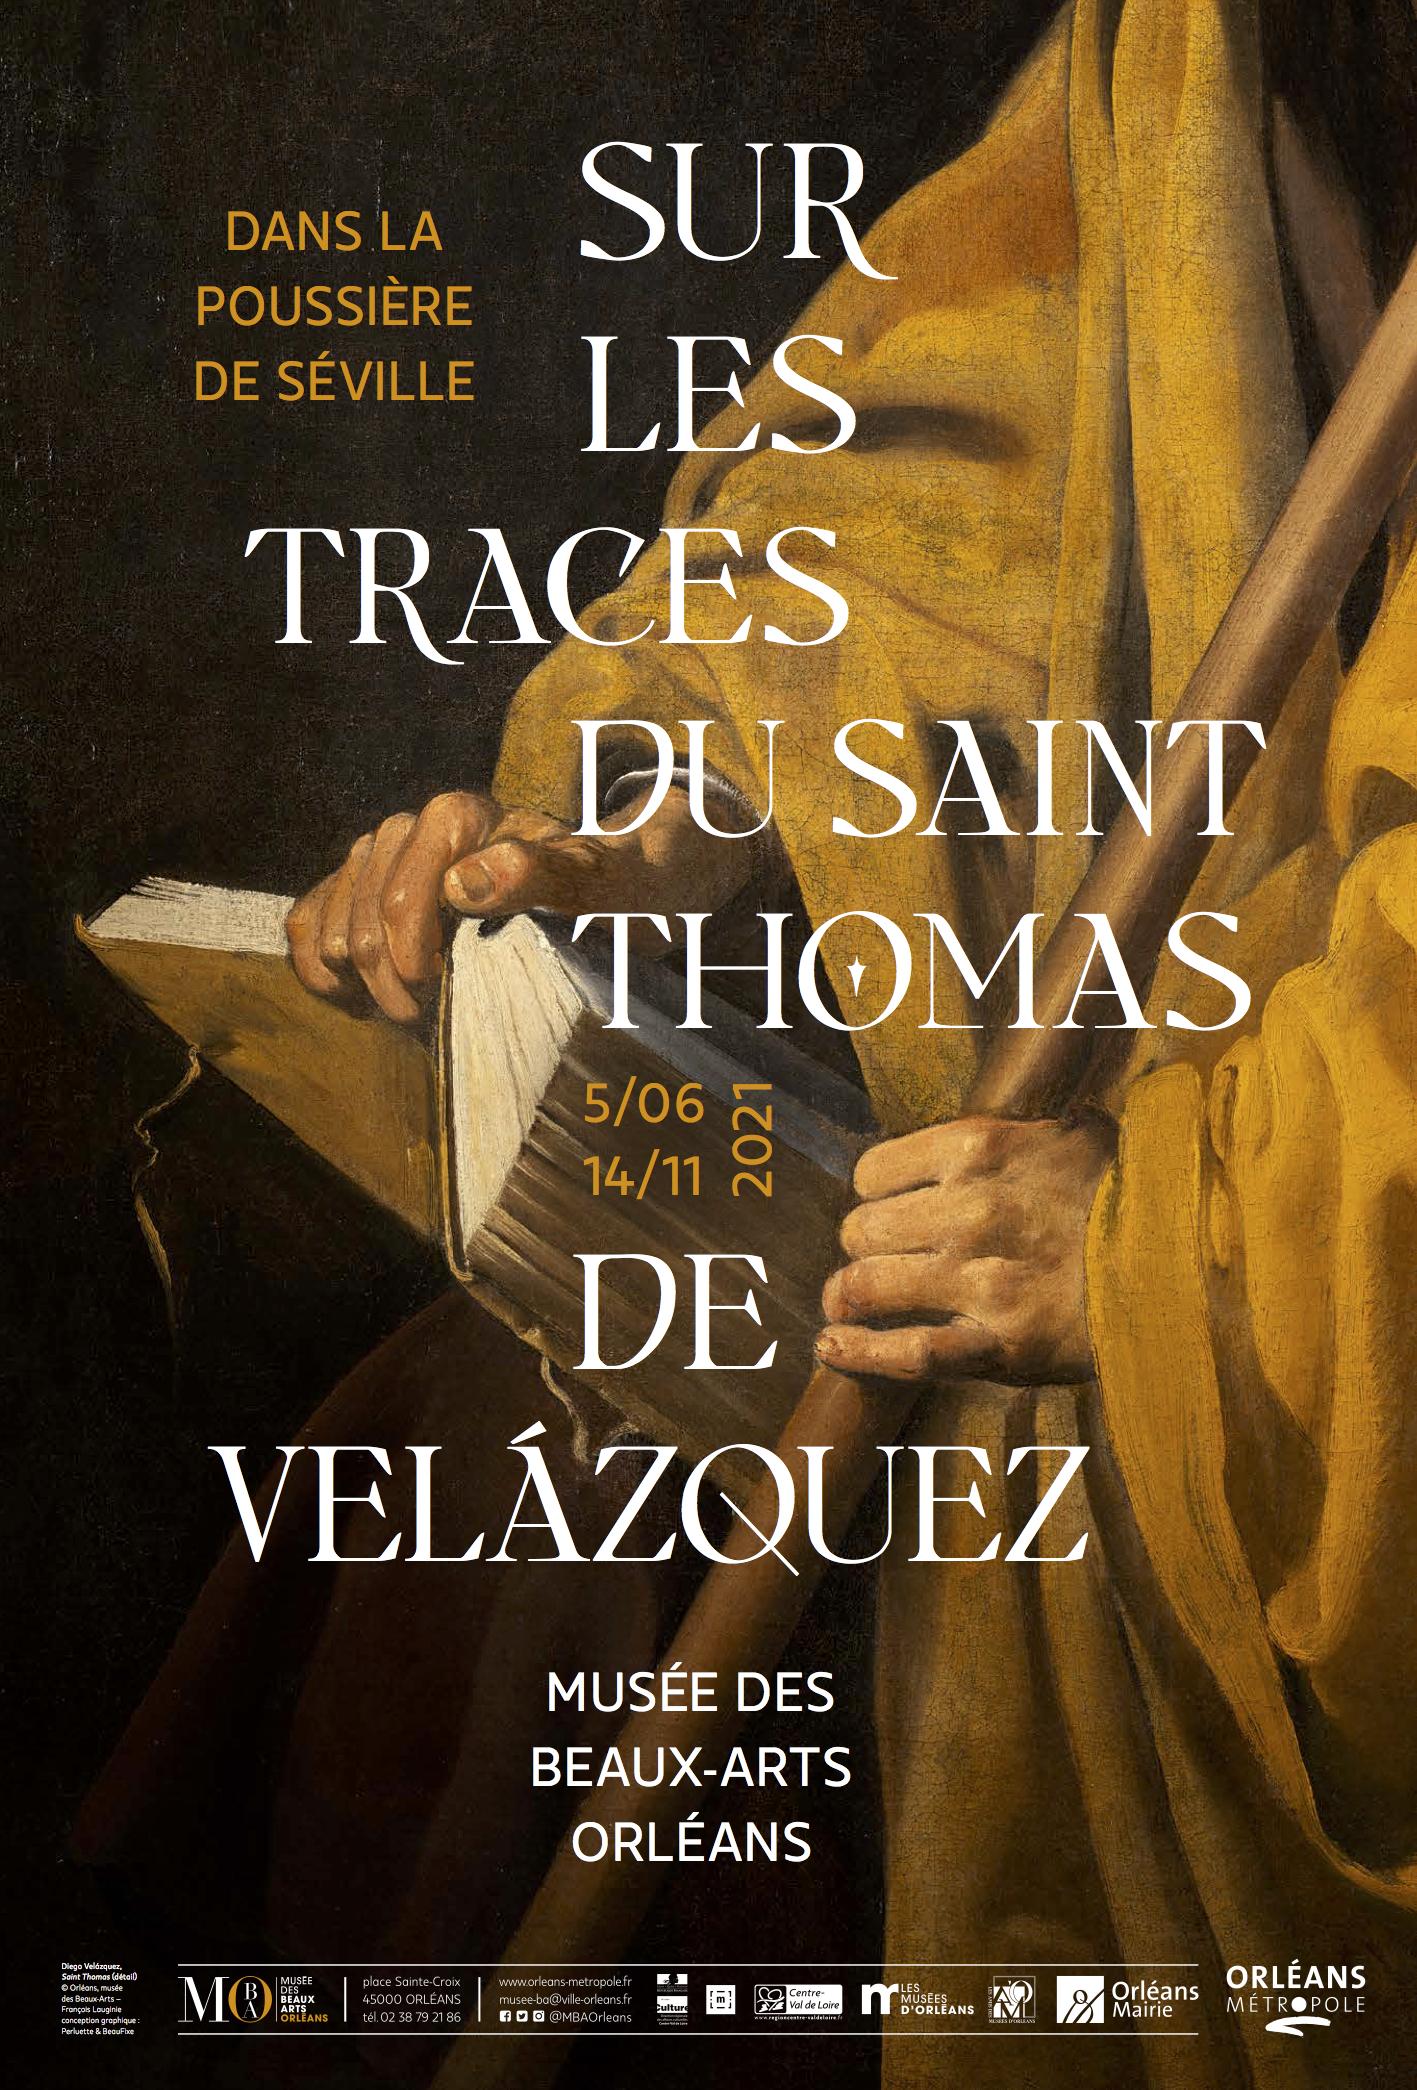 """Exposition """"Dans la poussière de Séville... sur les traces du Saint Thomas de Velazquez"""""""